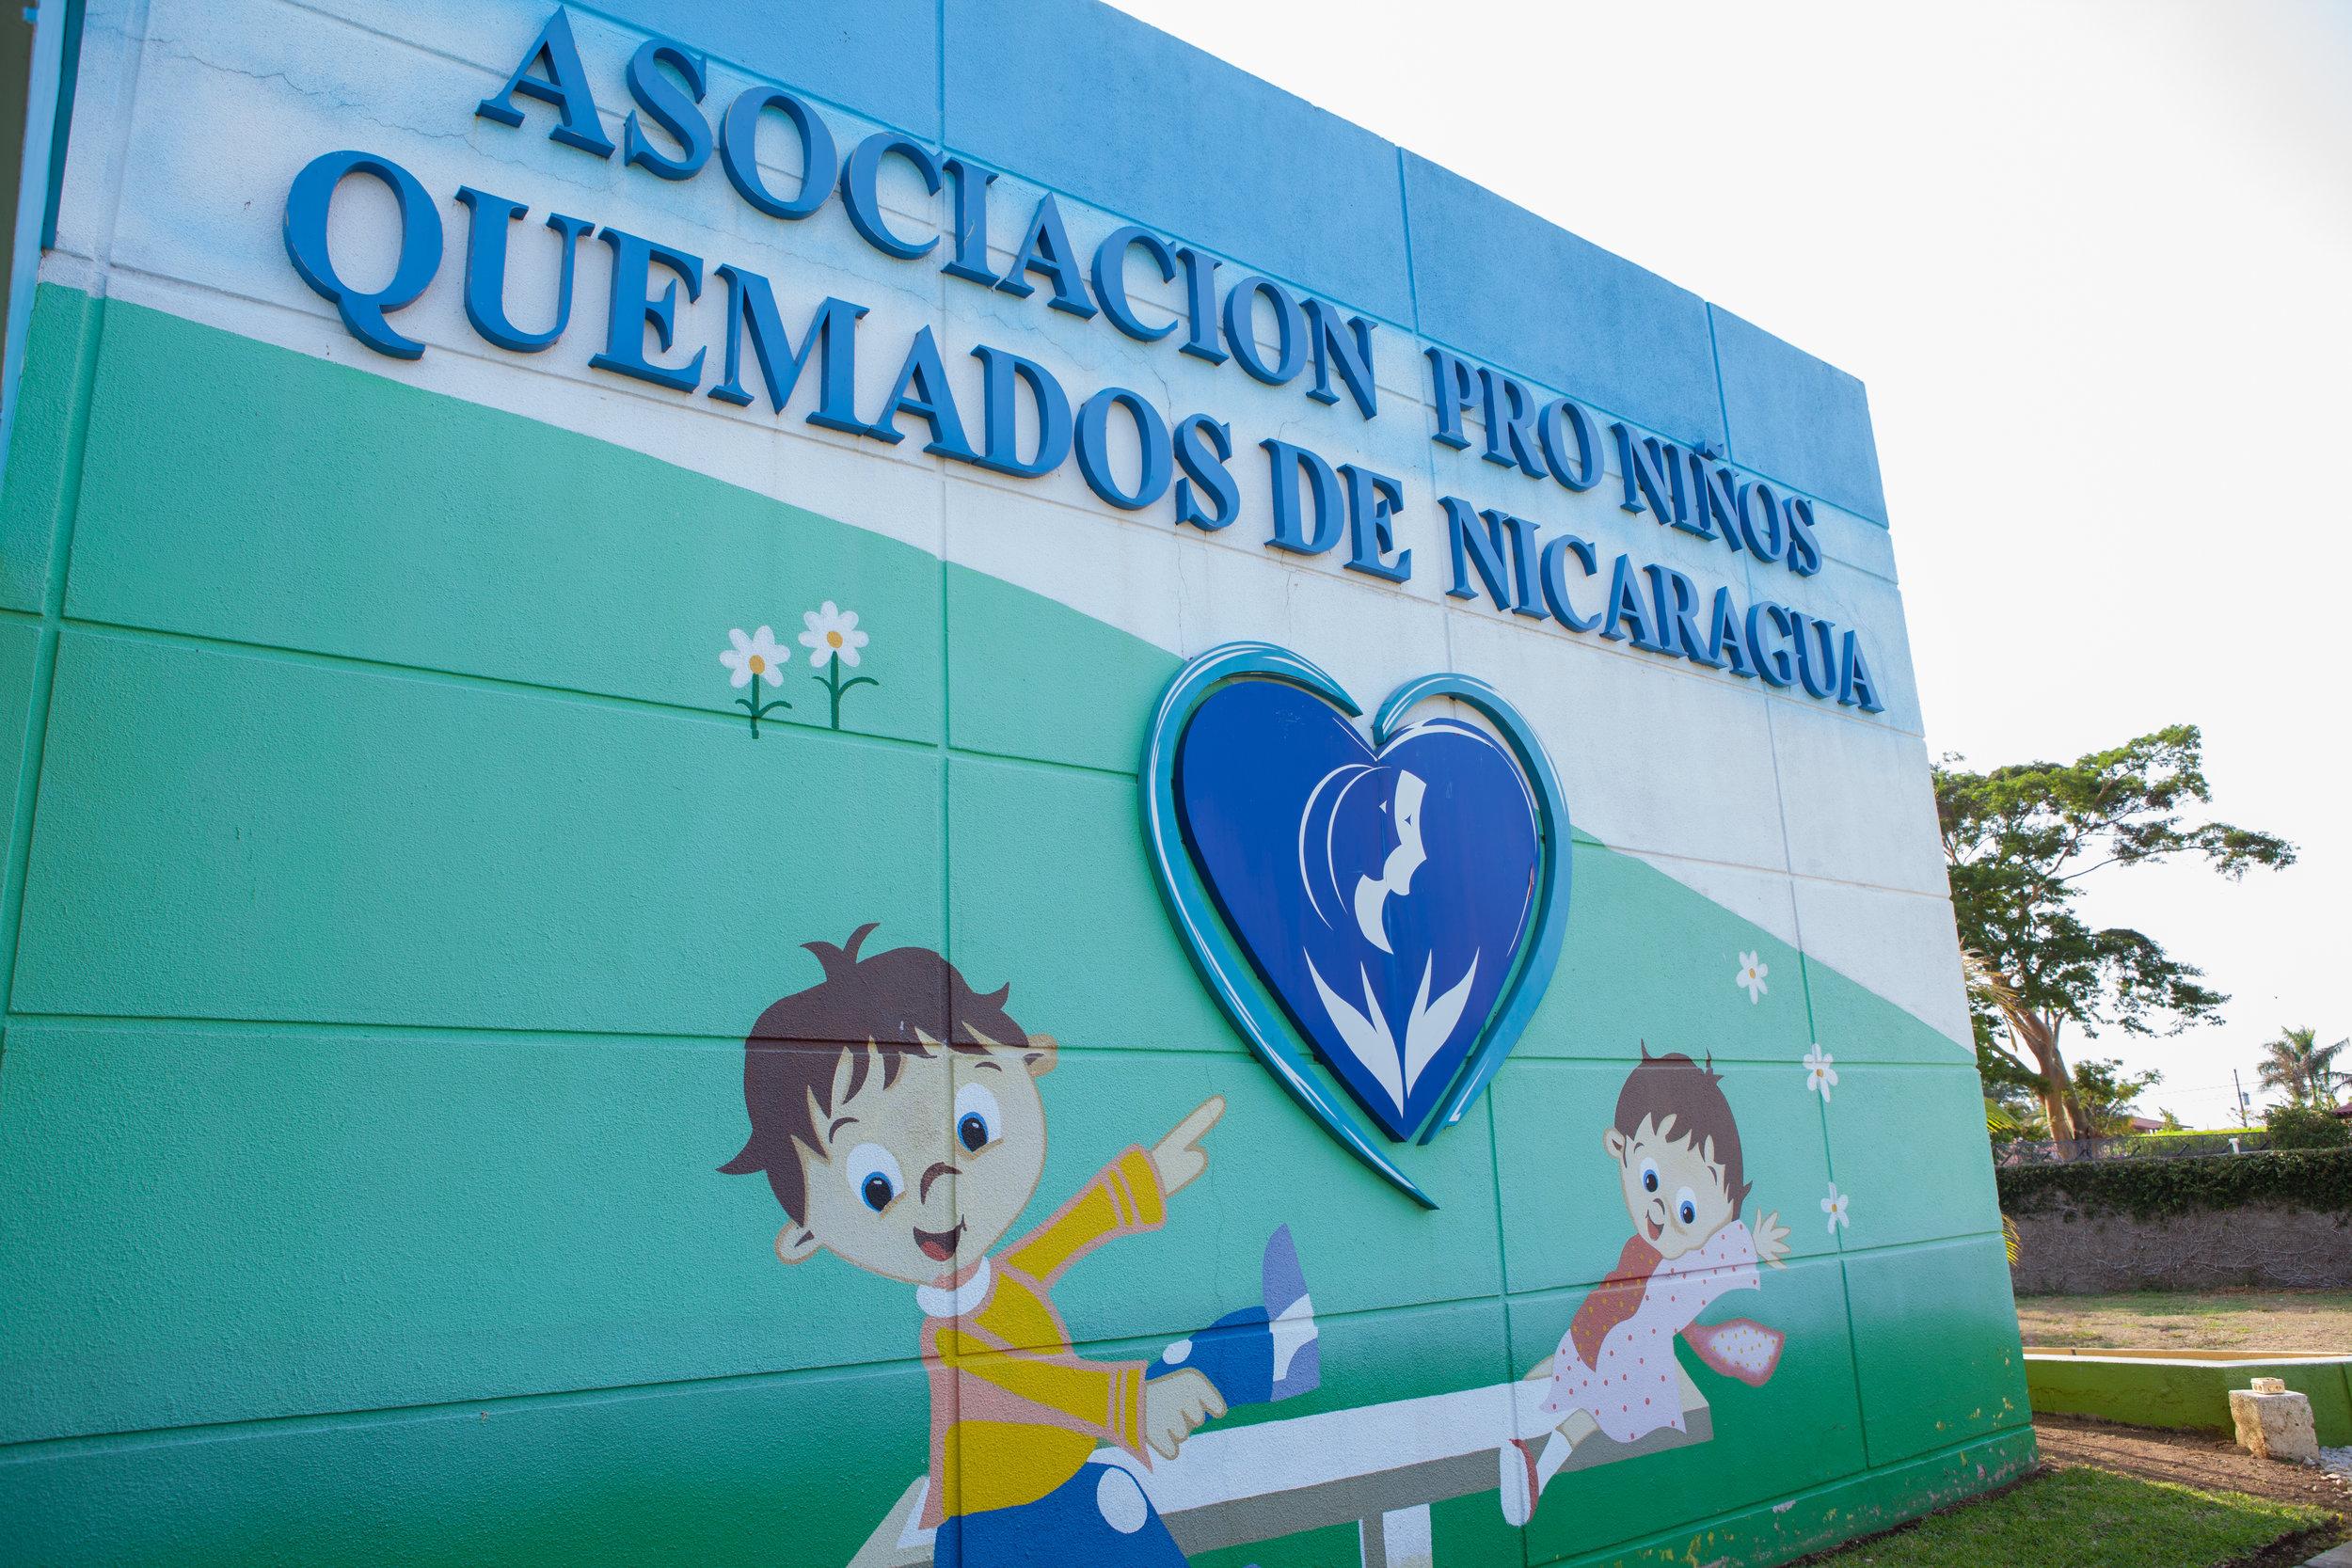 PFP Nicaragua-4055.jpg